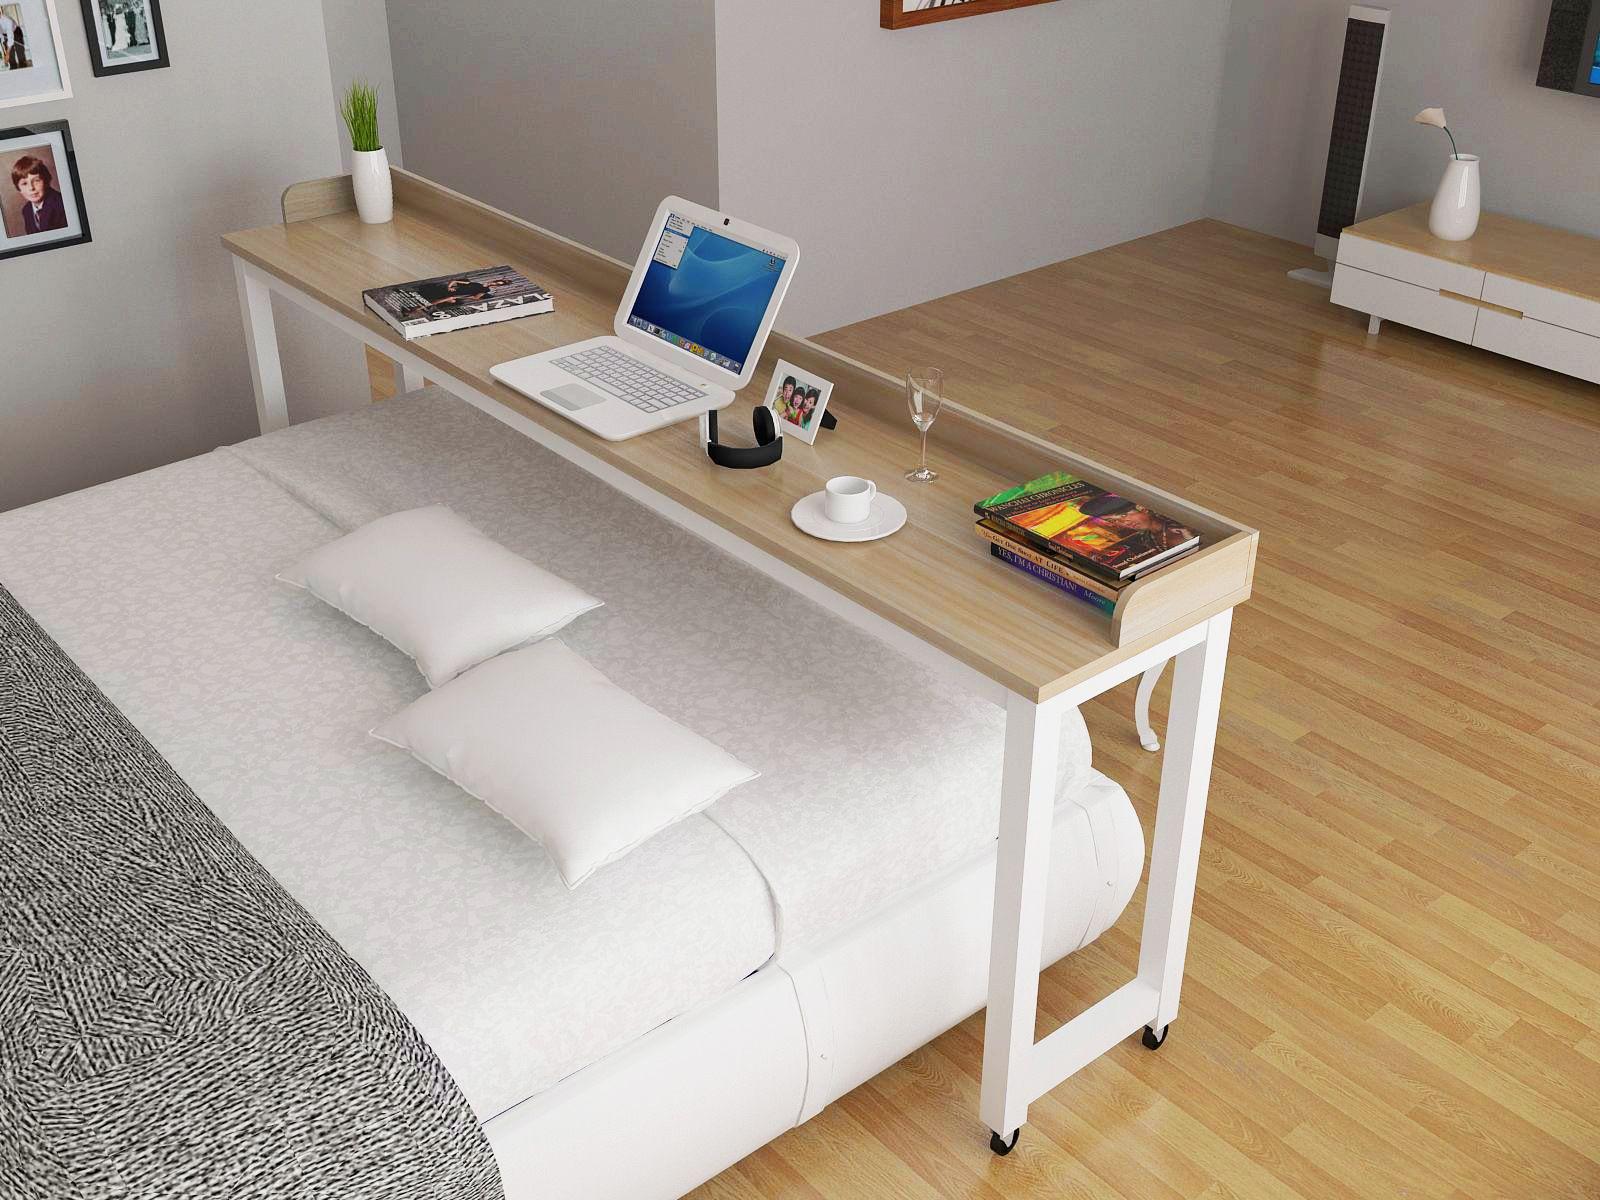 Wonderbaarlijk Goedkope Laptop tafel bed met een dubbele tafels across desktop ZY-42